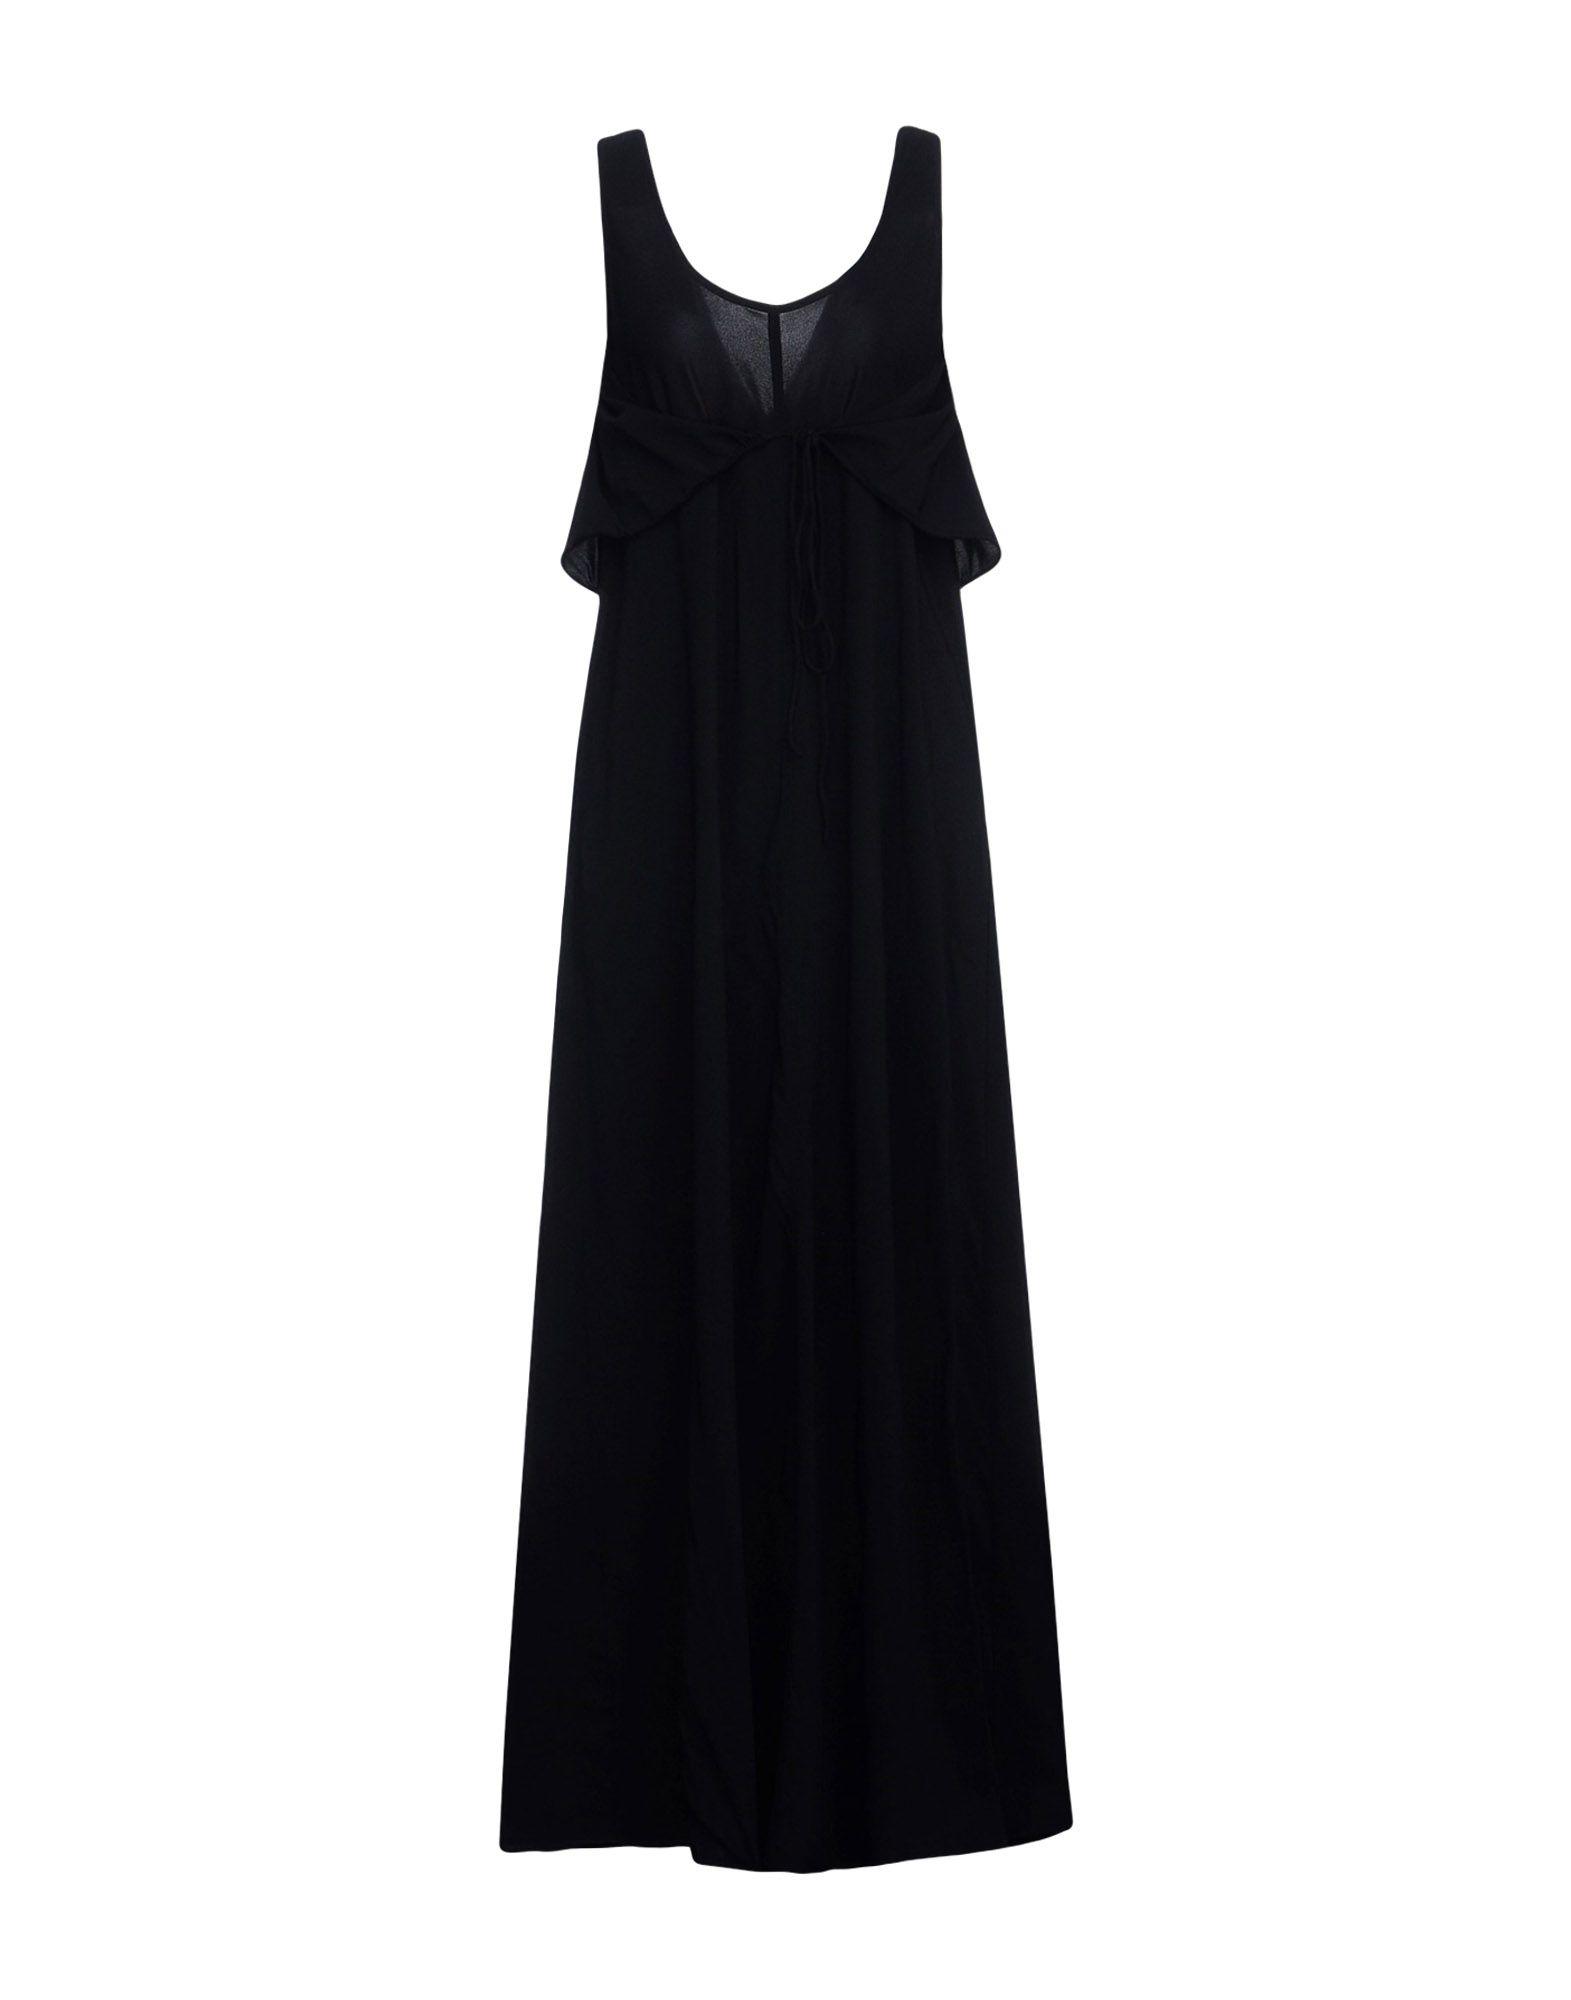 cailand длинное платье VINCE. Длинное платье